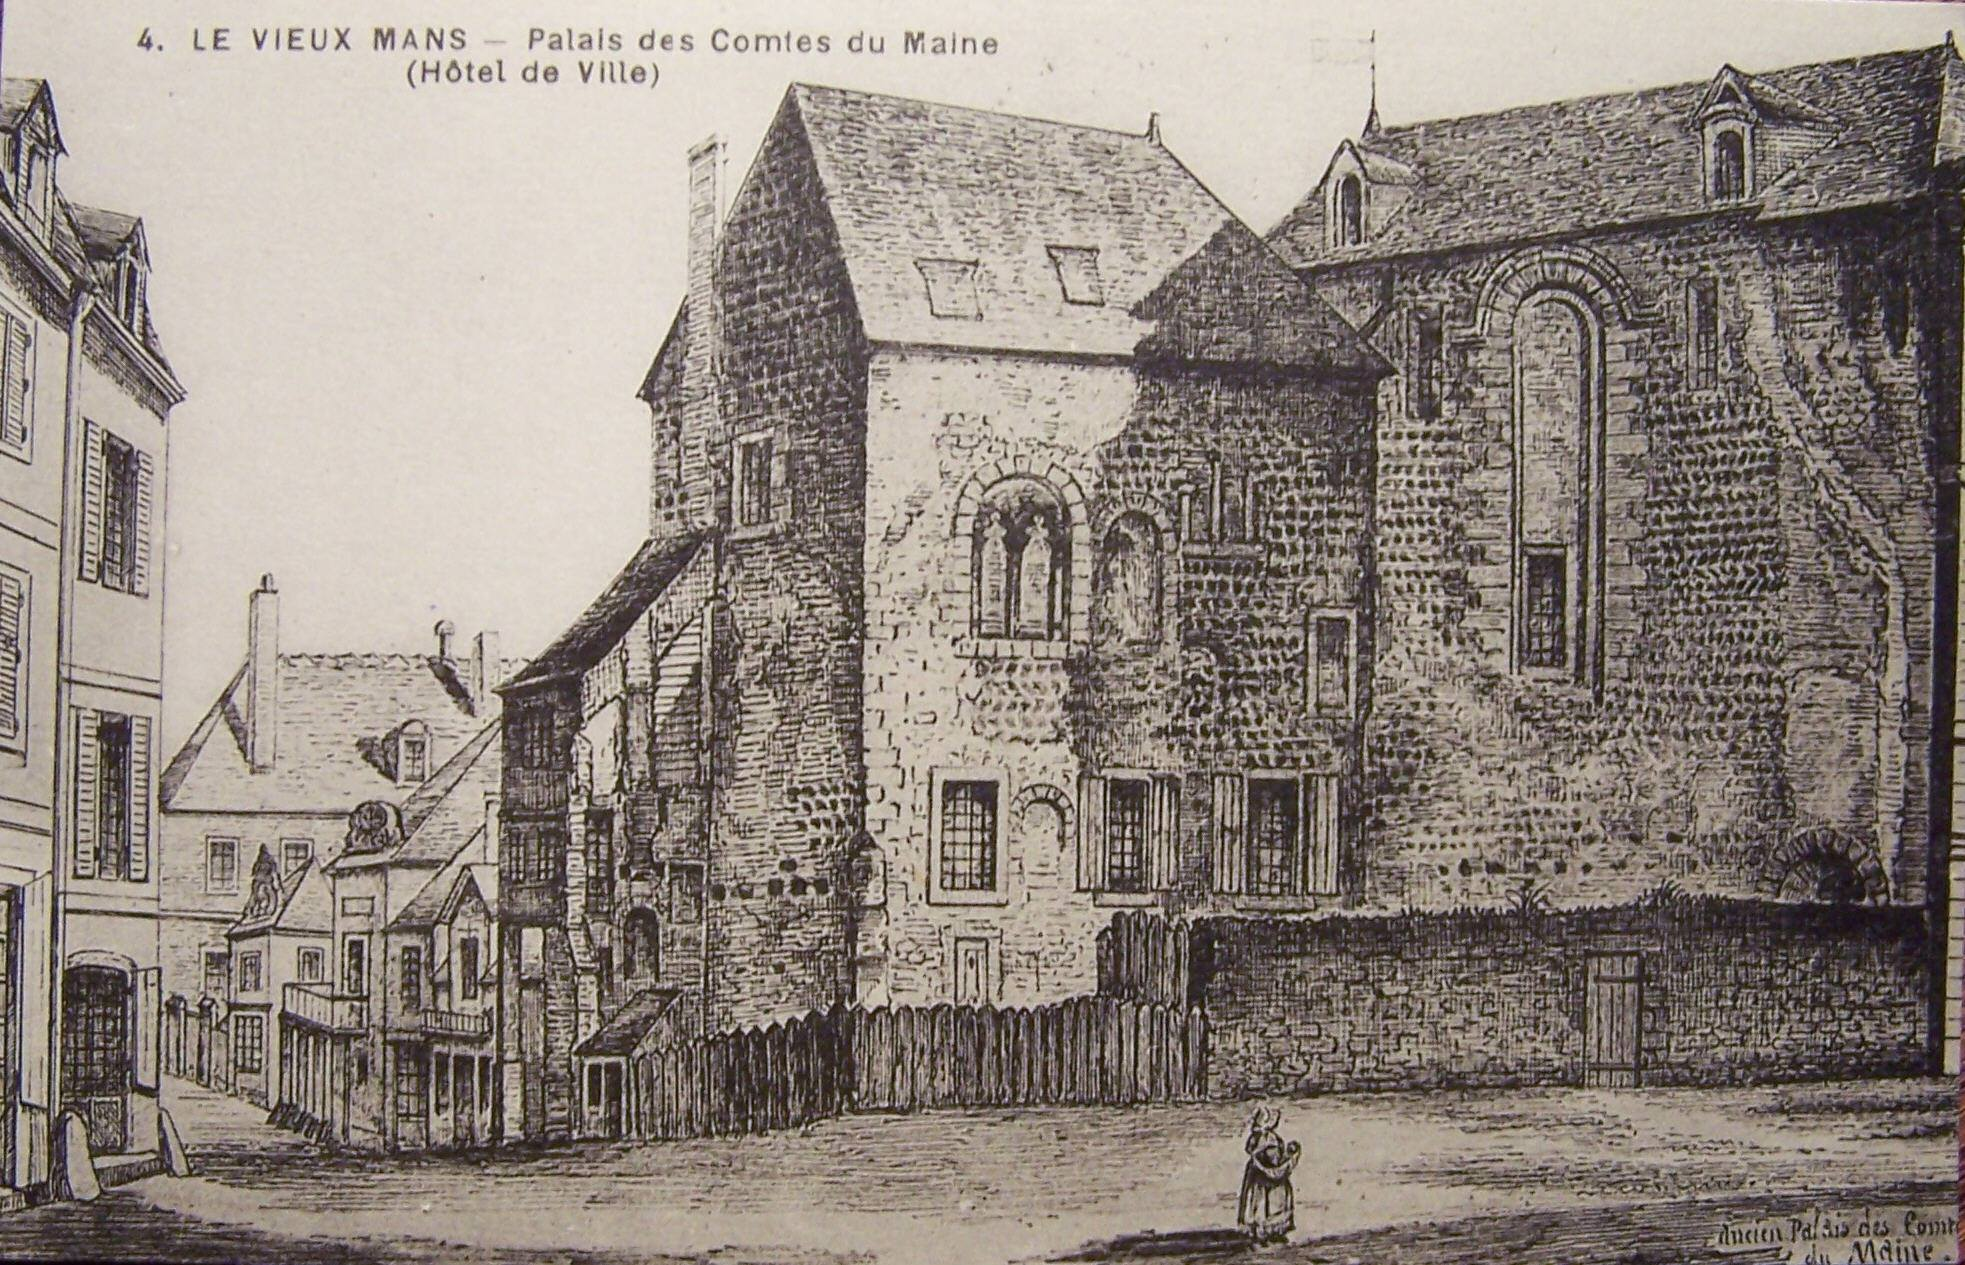 Le Vieux Mans - Palais des Comtes du Maine (Hôtel de Ville)